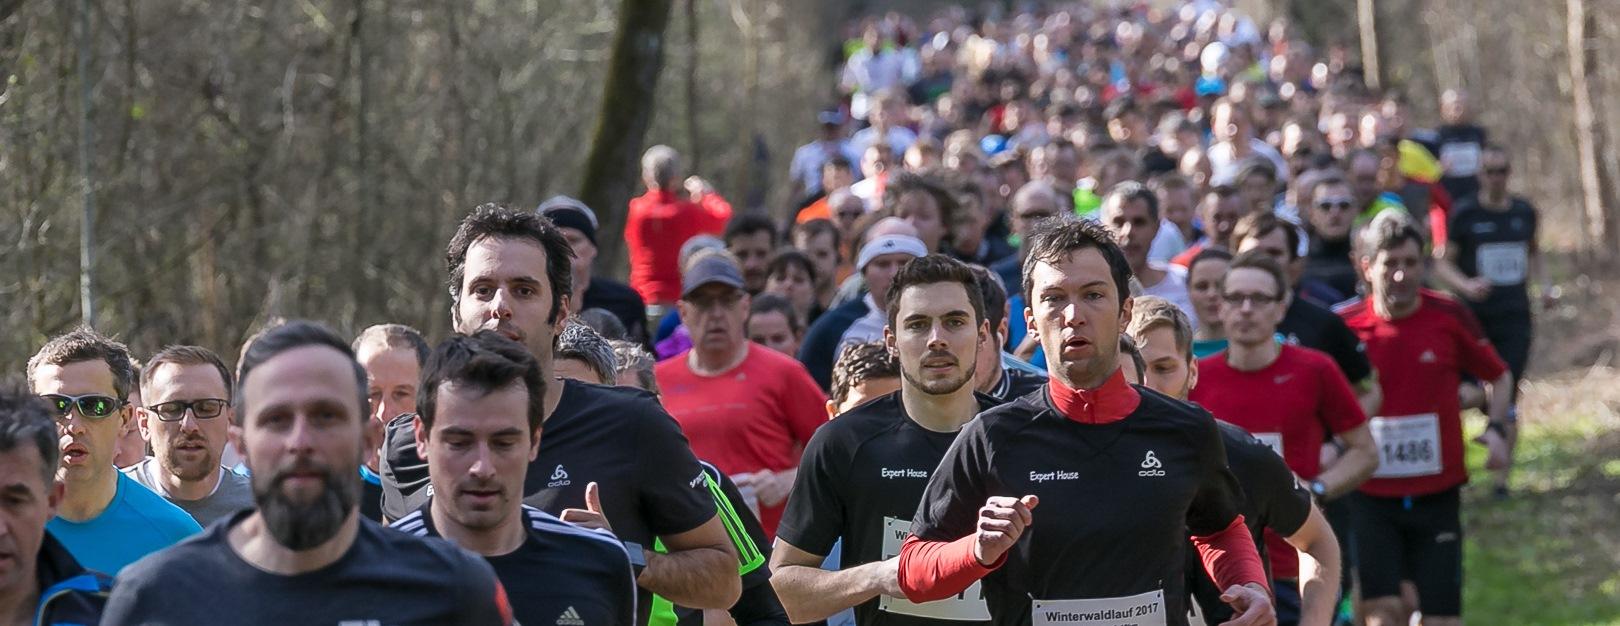 Teilnehmerschlange 10 km und Staffeln im Wald